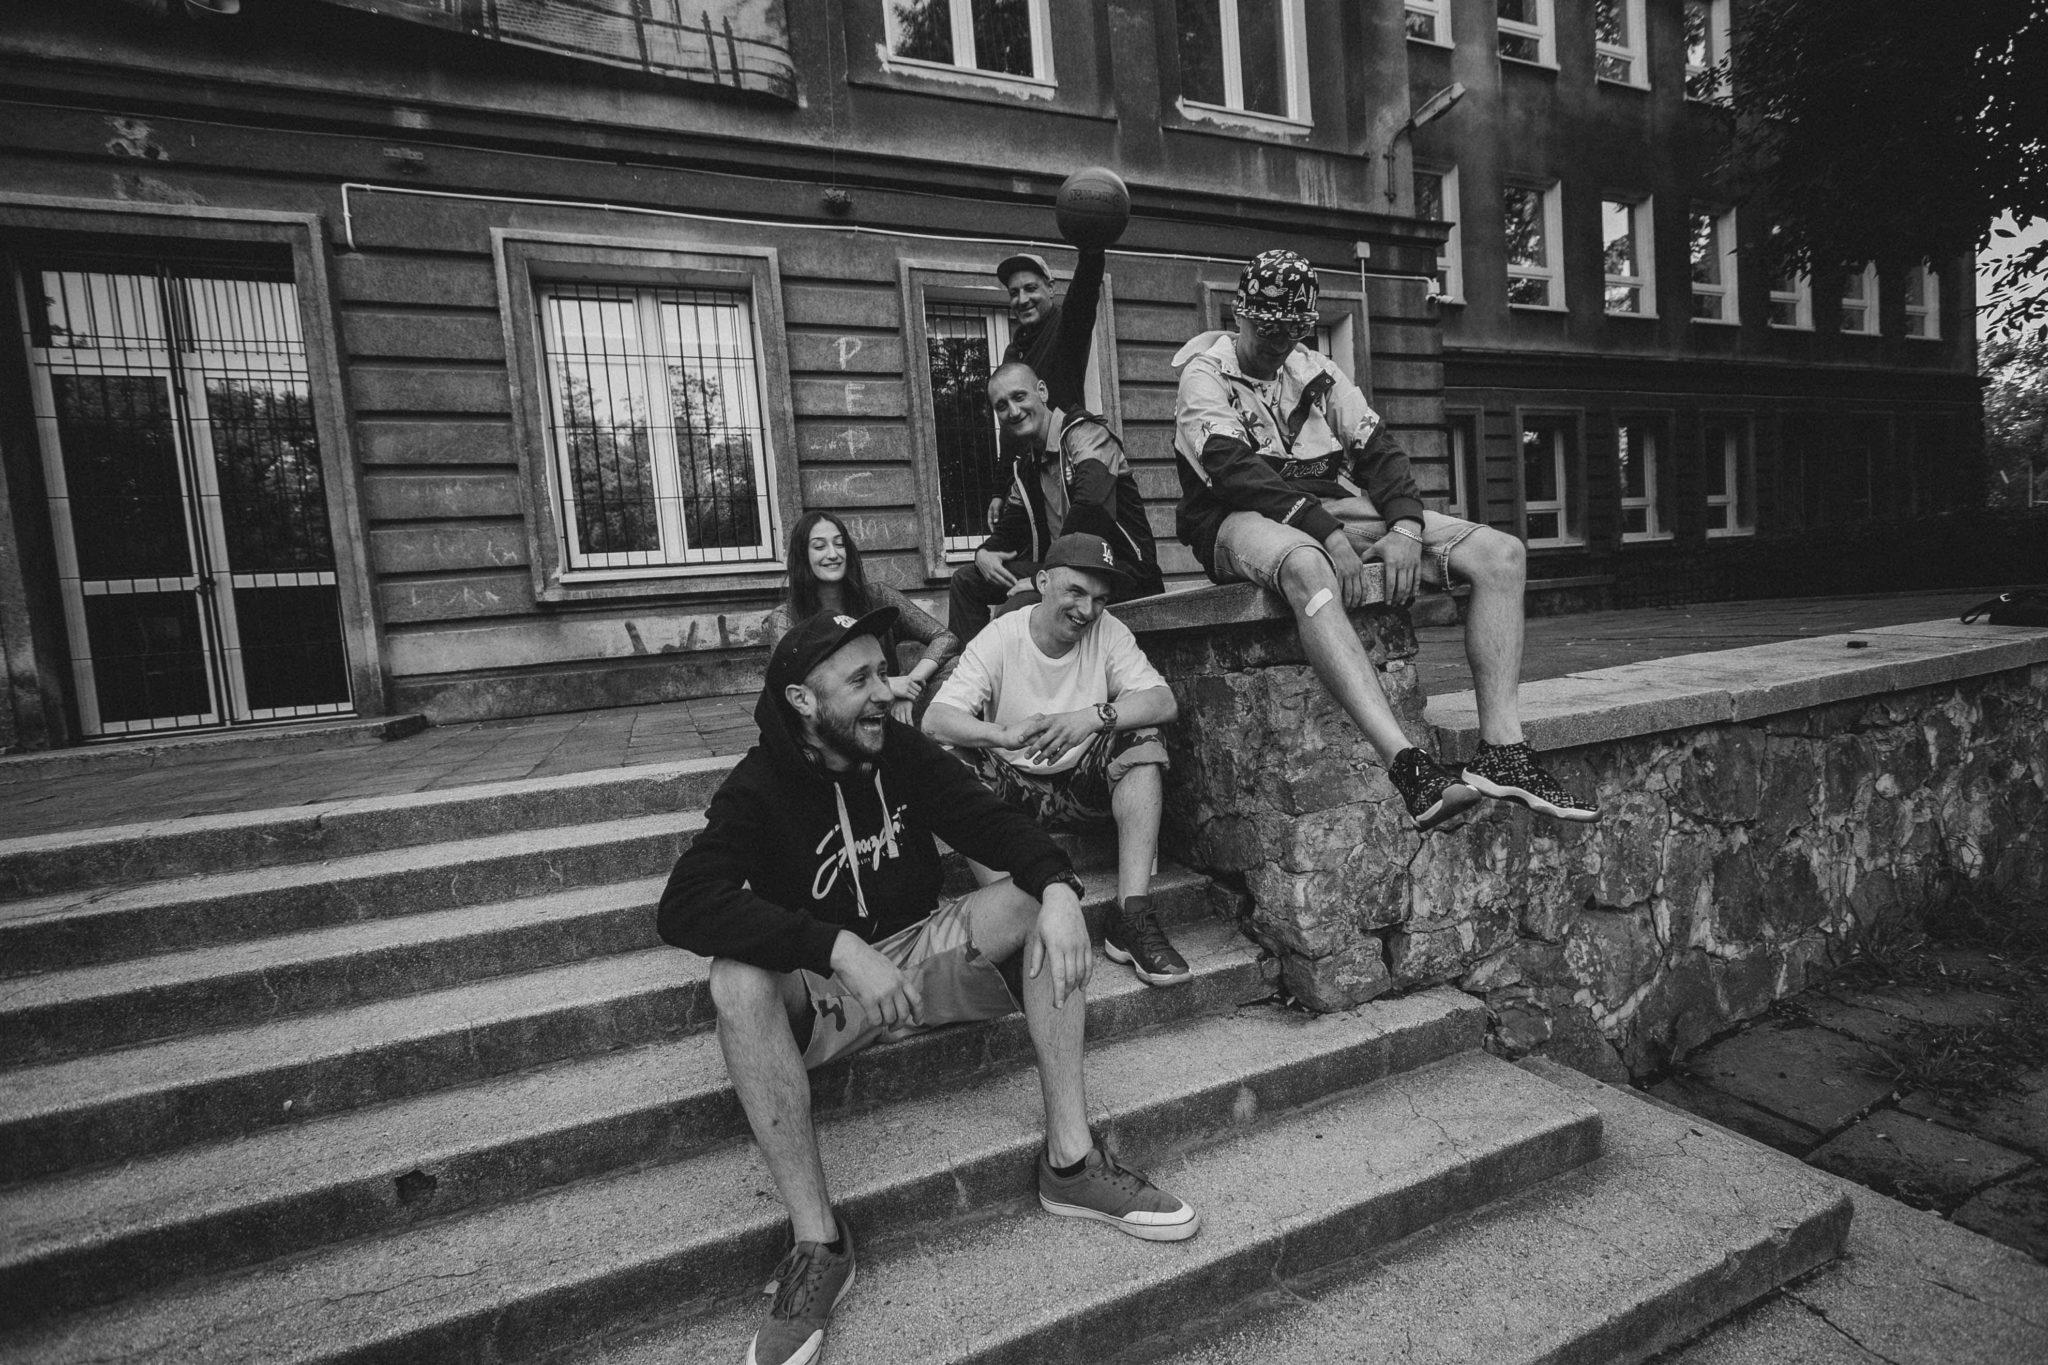 received 362849817755055 - Rozmawiamy z MC Robakiem. Przy okazji wydania nowej płyty pytamy m.in. o jego kołobrzeskie pochodzenie, hip-hop i plany na nowy album